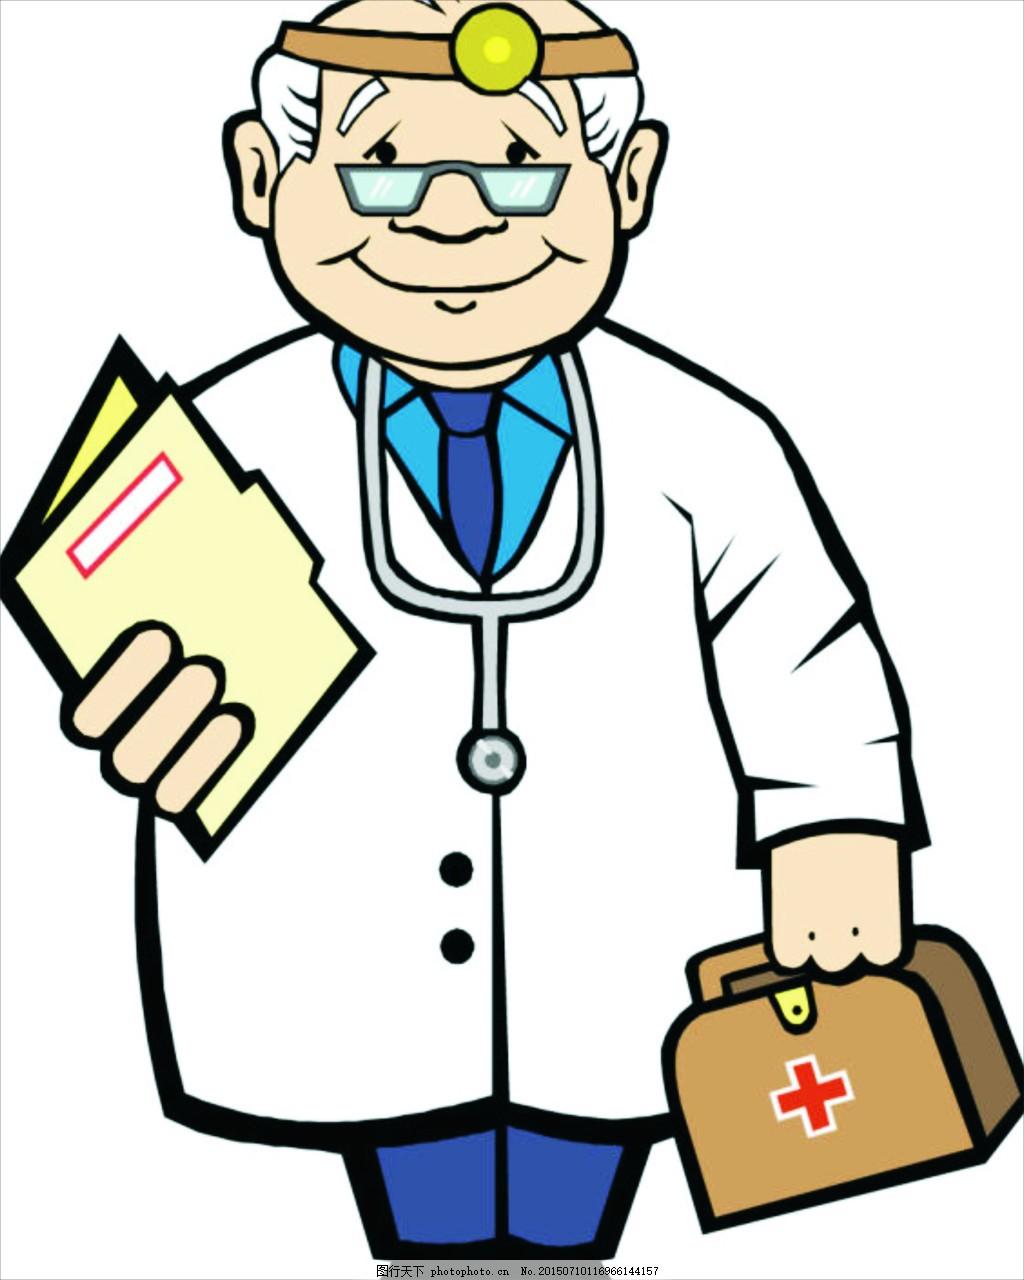 抽象画 卡通老医生 卡通人物 卡通药箱     白色 jpg